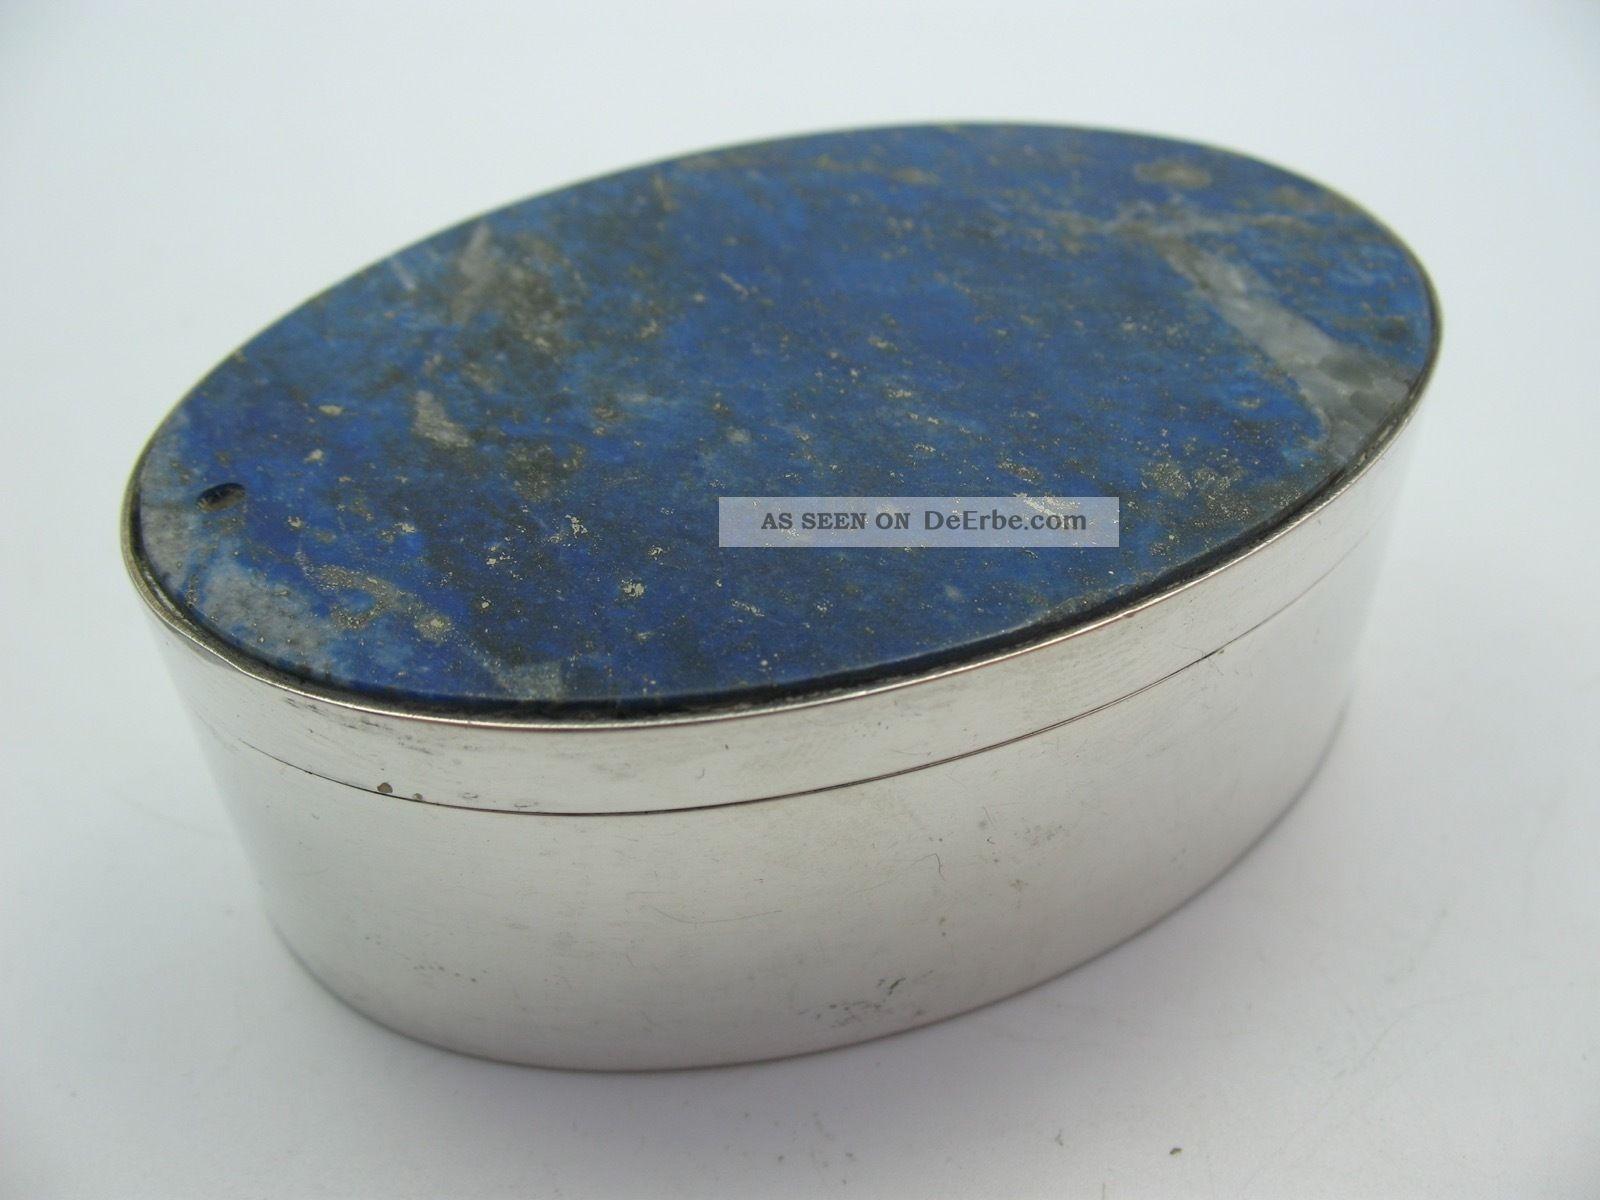 Schöne Große Ovale Tabatiere Schnupftabakdose Aus 800 Silber Mit Lapislazuli Objekte vor 1945 Bild